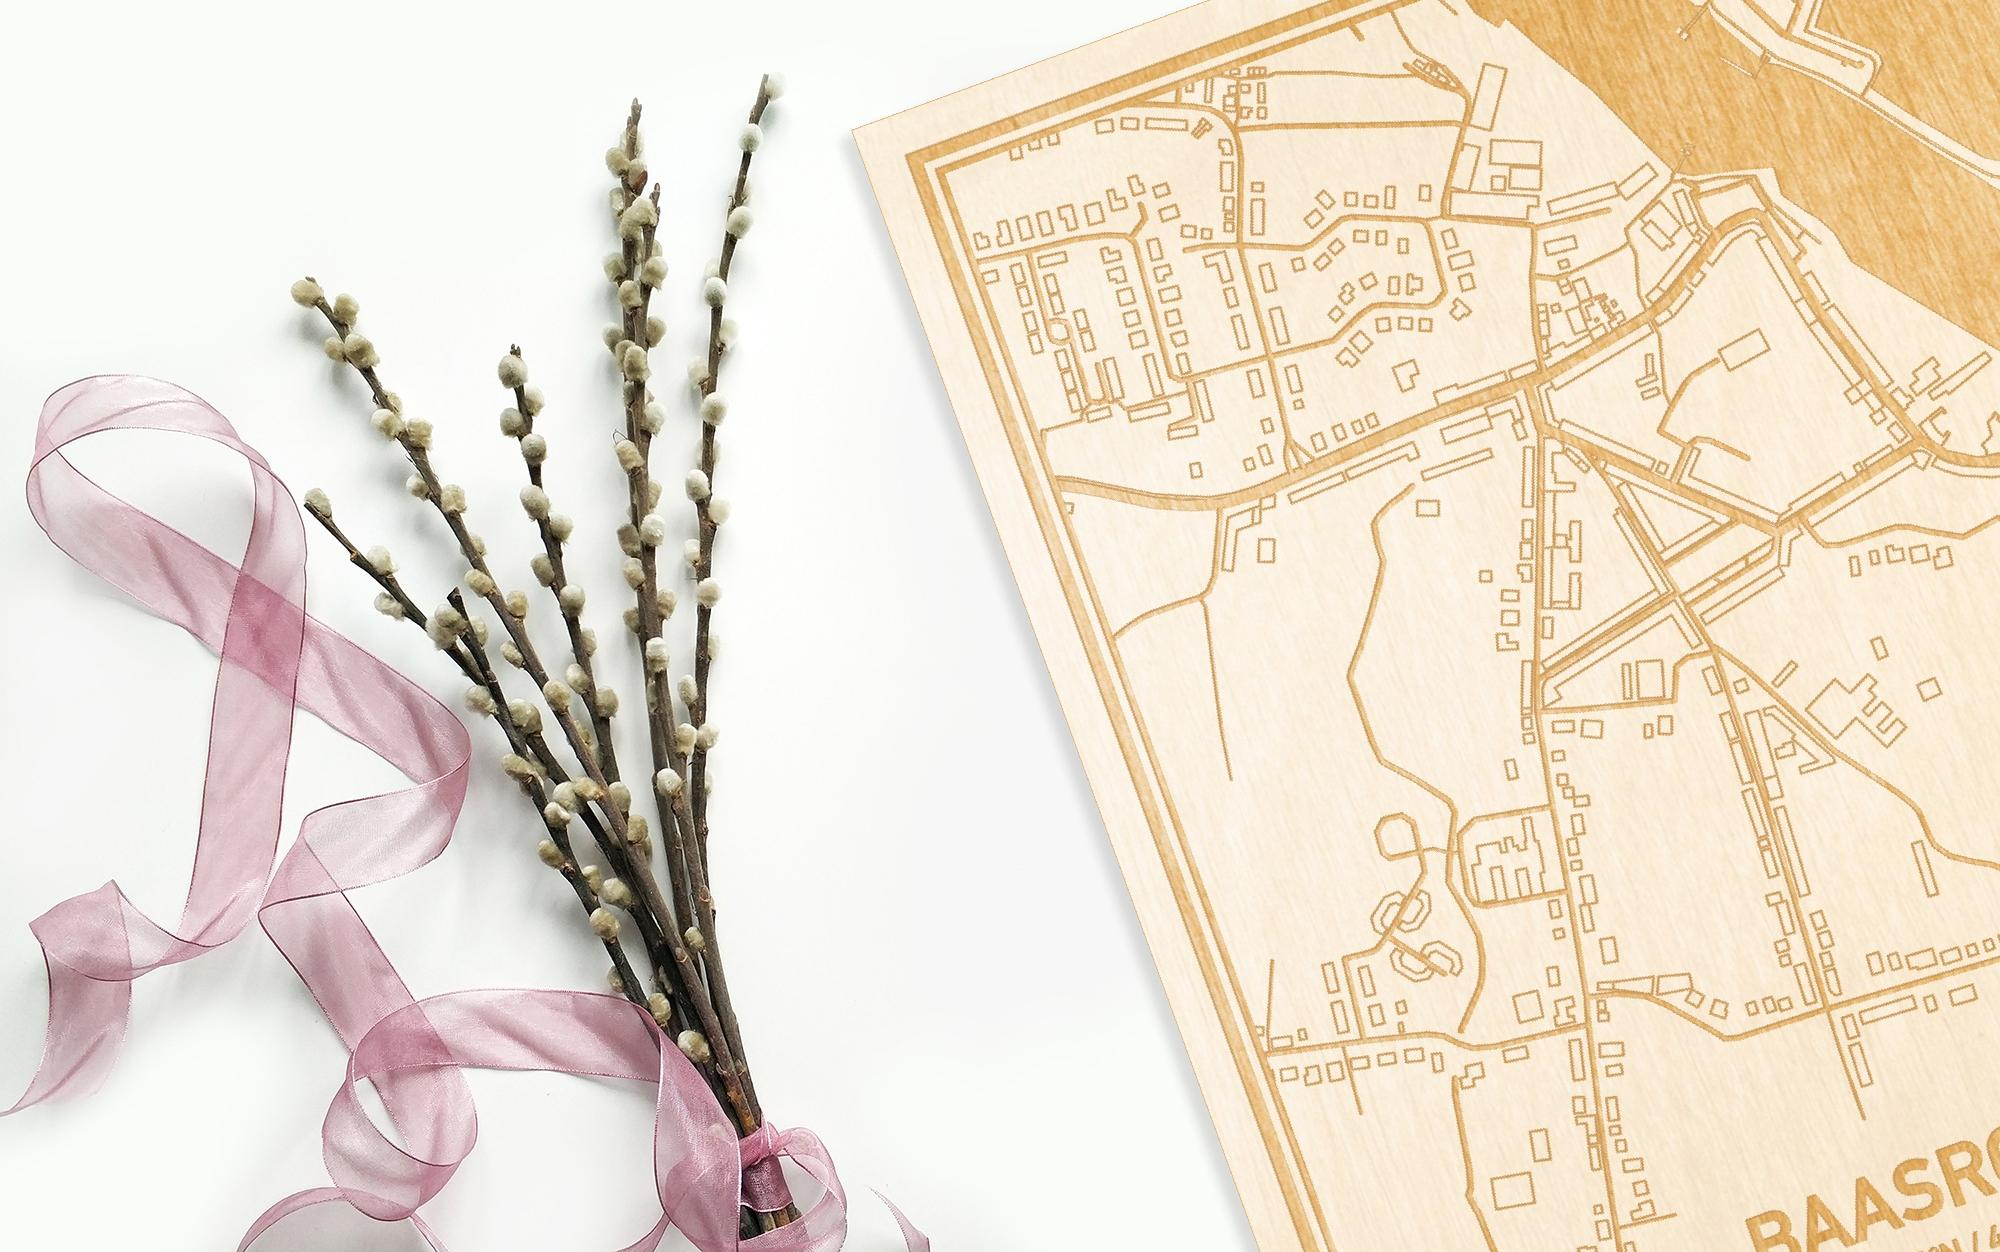 Hier ligt de houten plattegrond Baasrode naast een bloemetje als gepersonaliseerd cadeau voor haar.